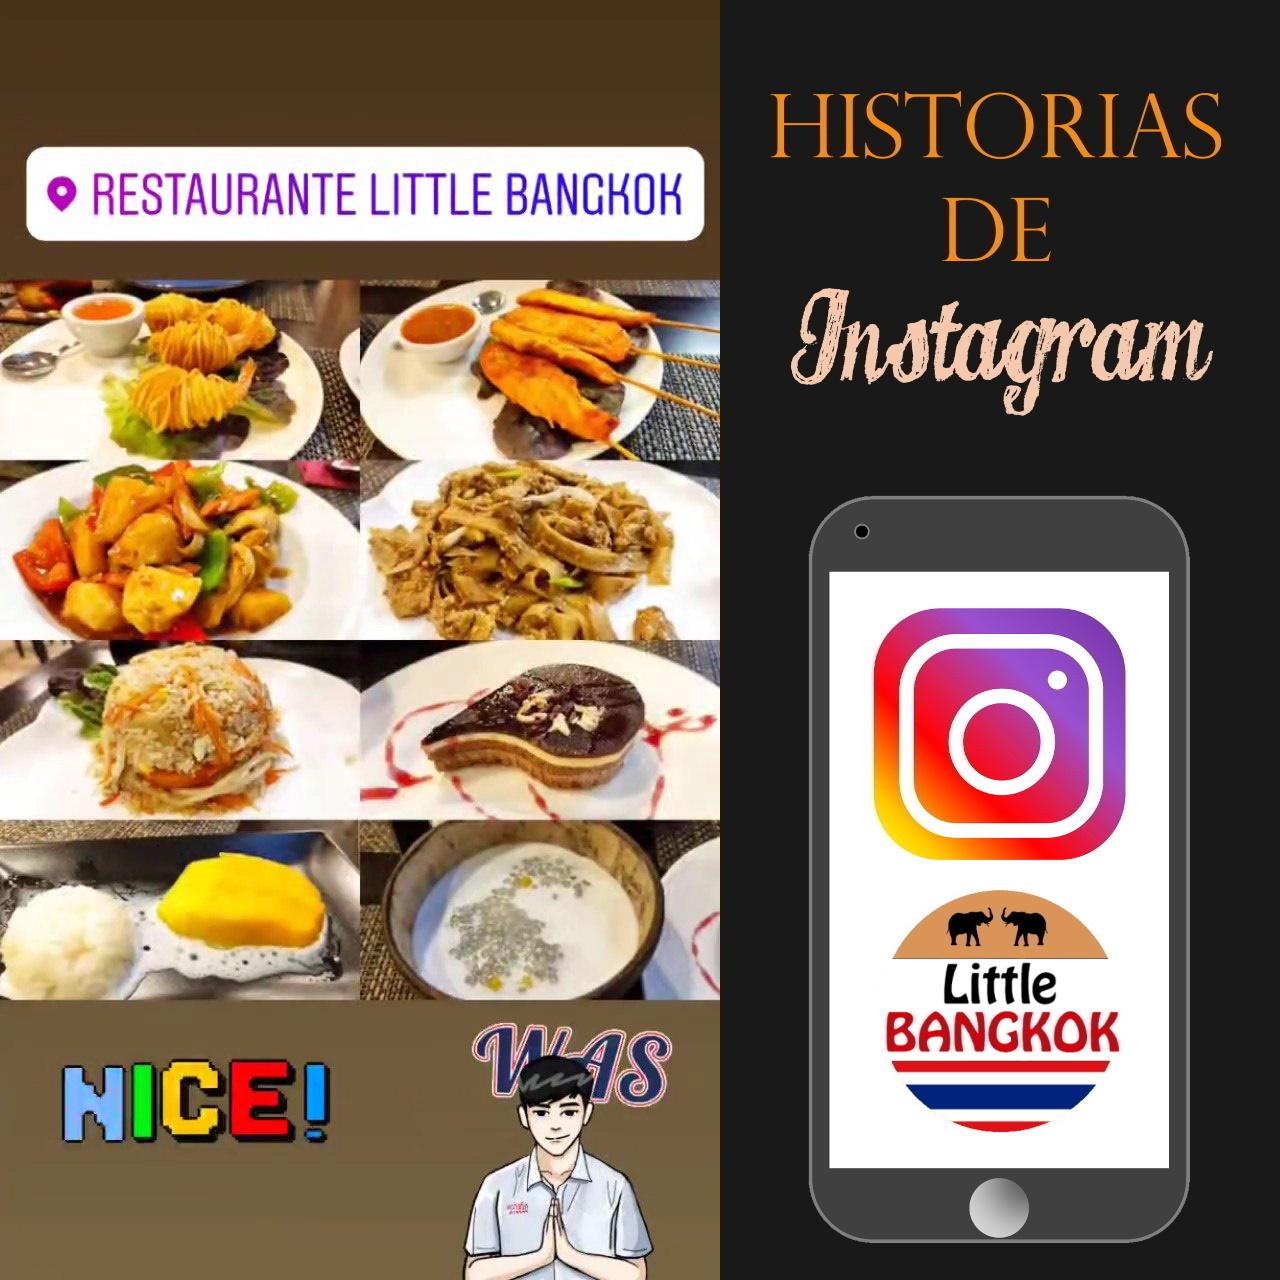 Historias de Instagram - 02 - Febrero 2